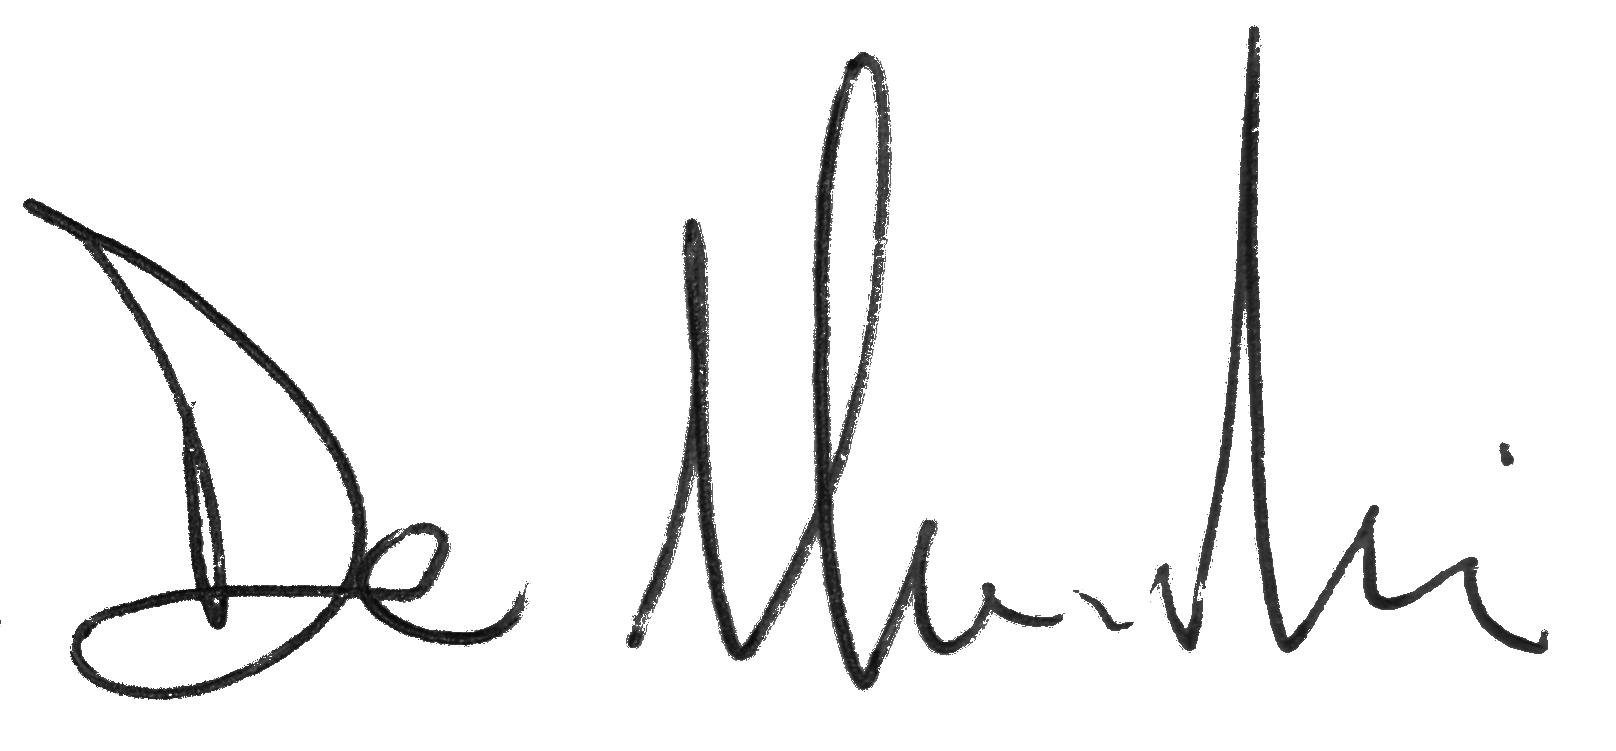 Alessio De Marchi's Signature